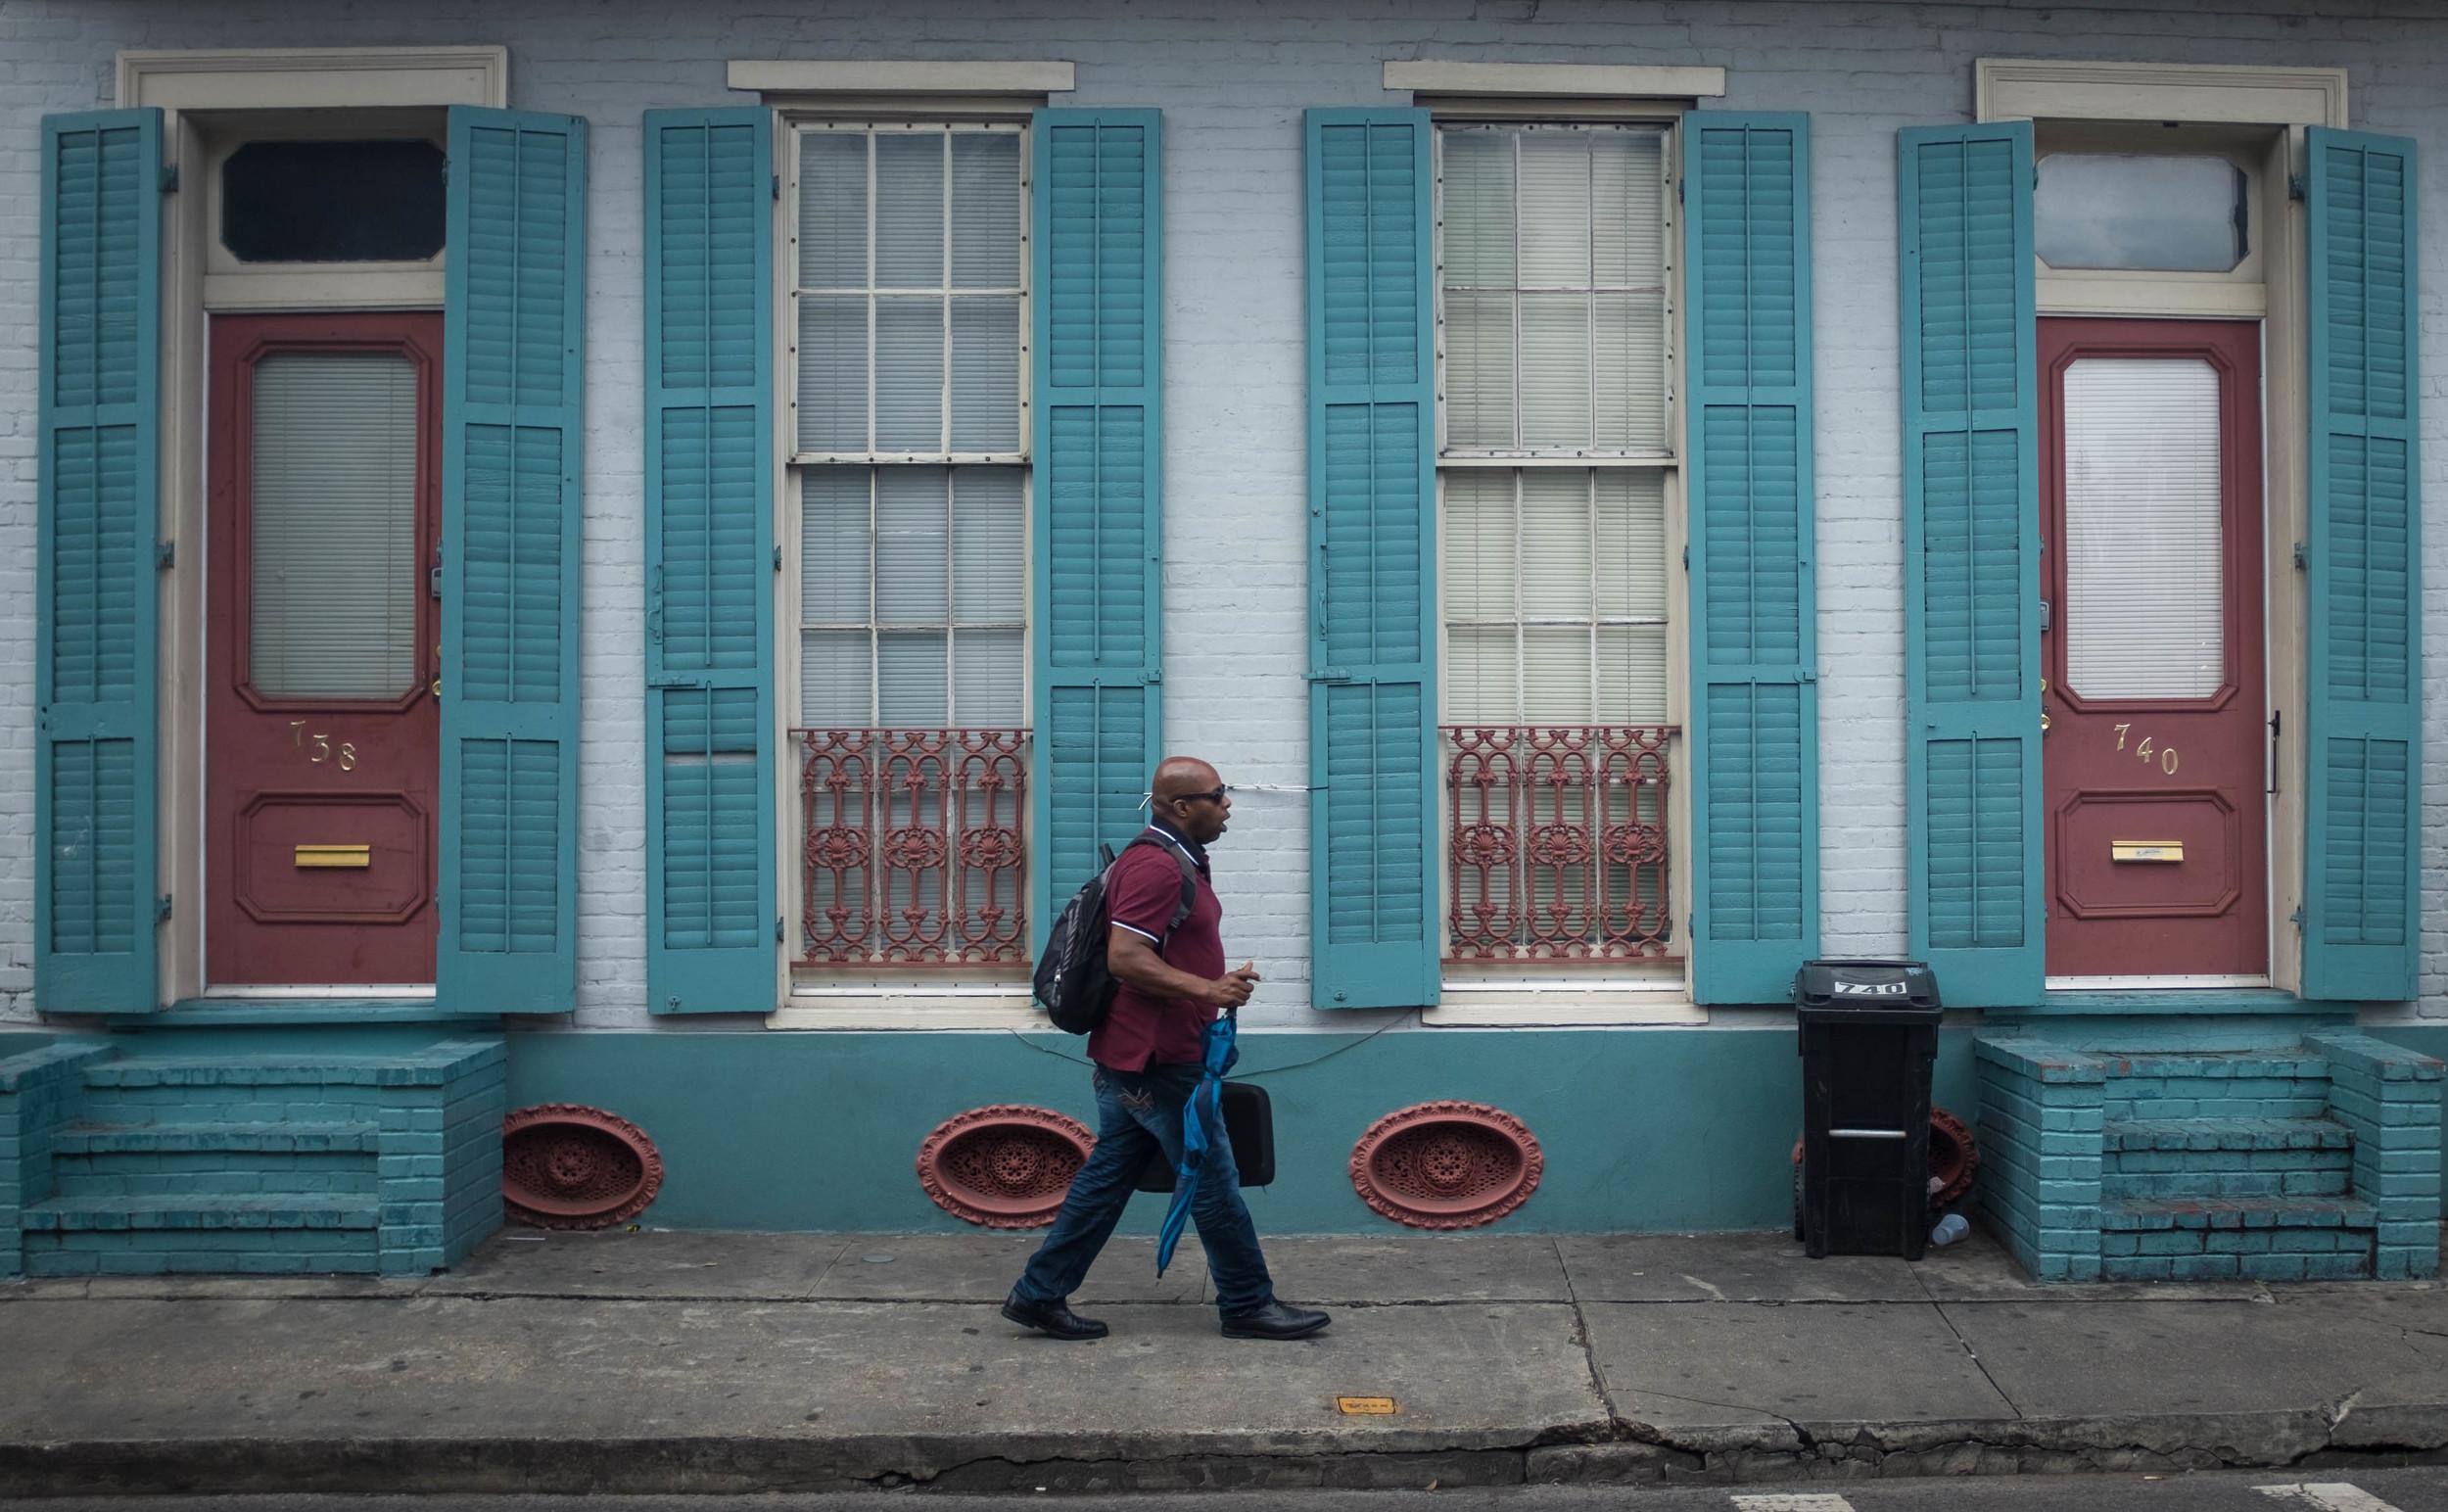 Man walking in French Quarter New Orleans, LA Fuji X100T 6.16